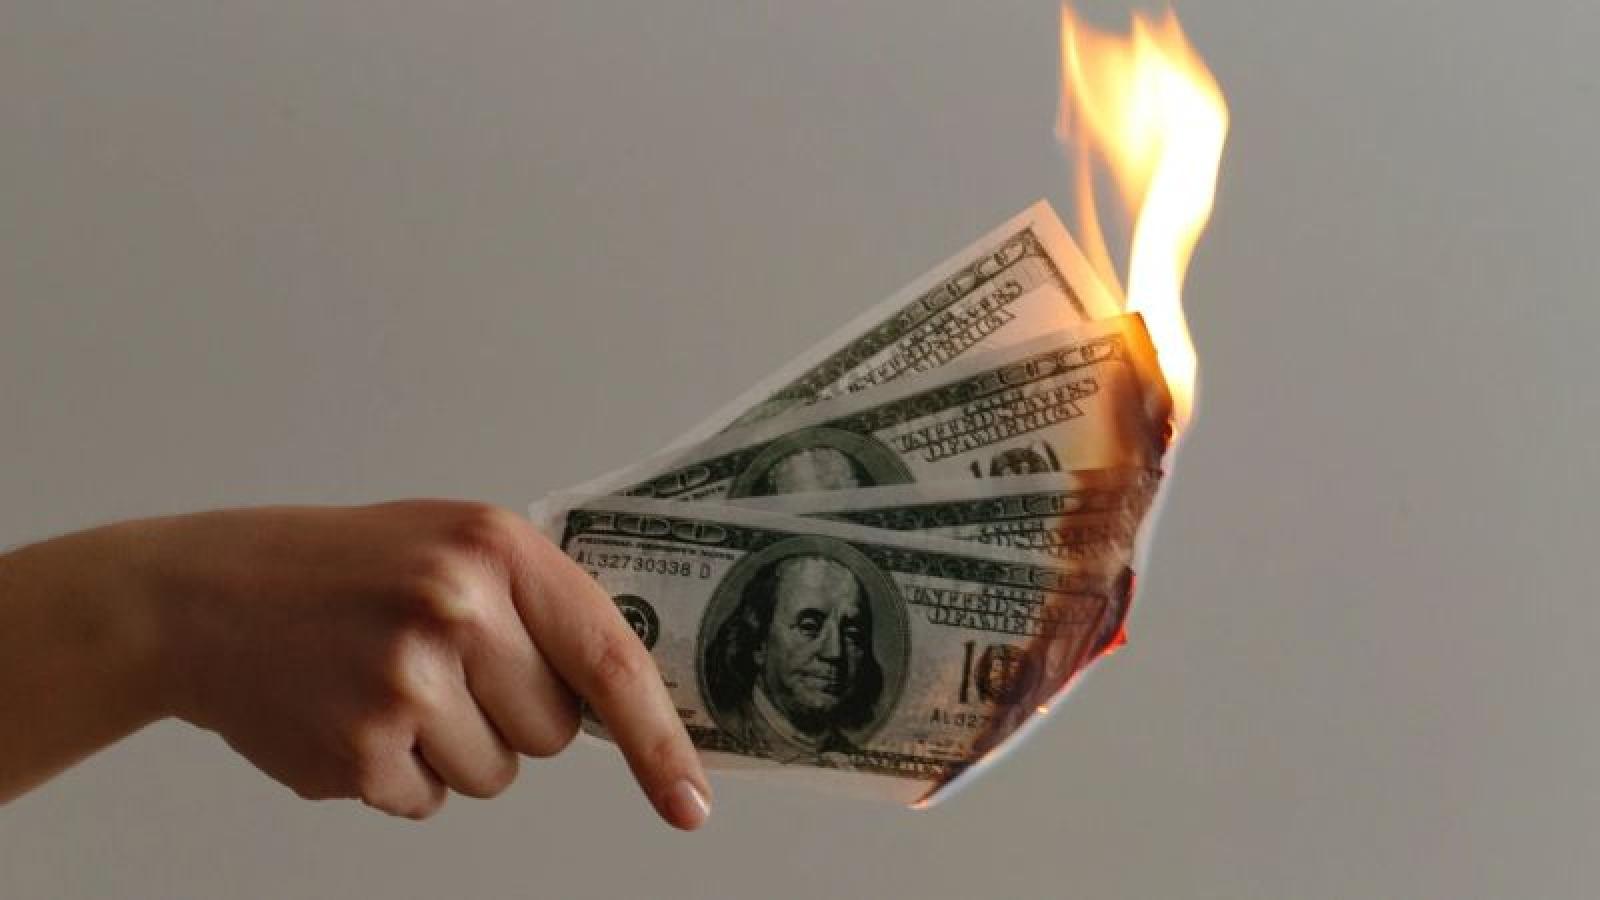 Fleeceware - ứng dụng lừa đảo đang đốt tiền người dùng di động